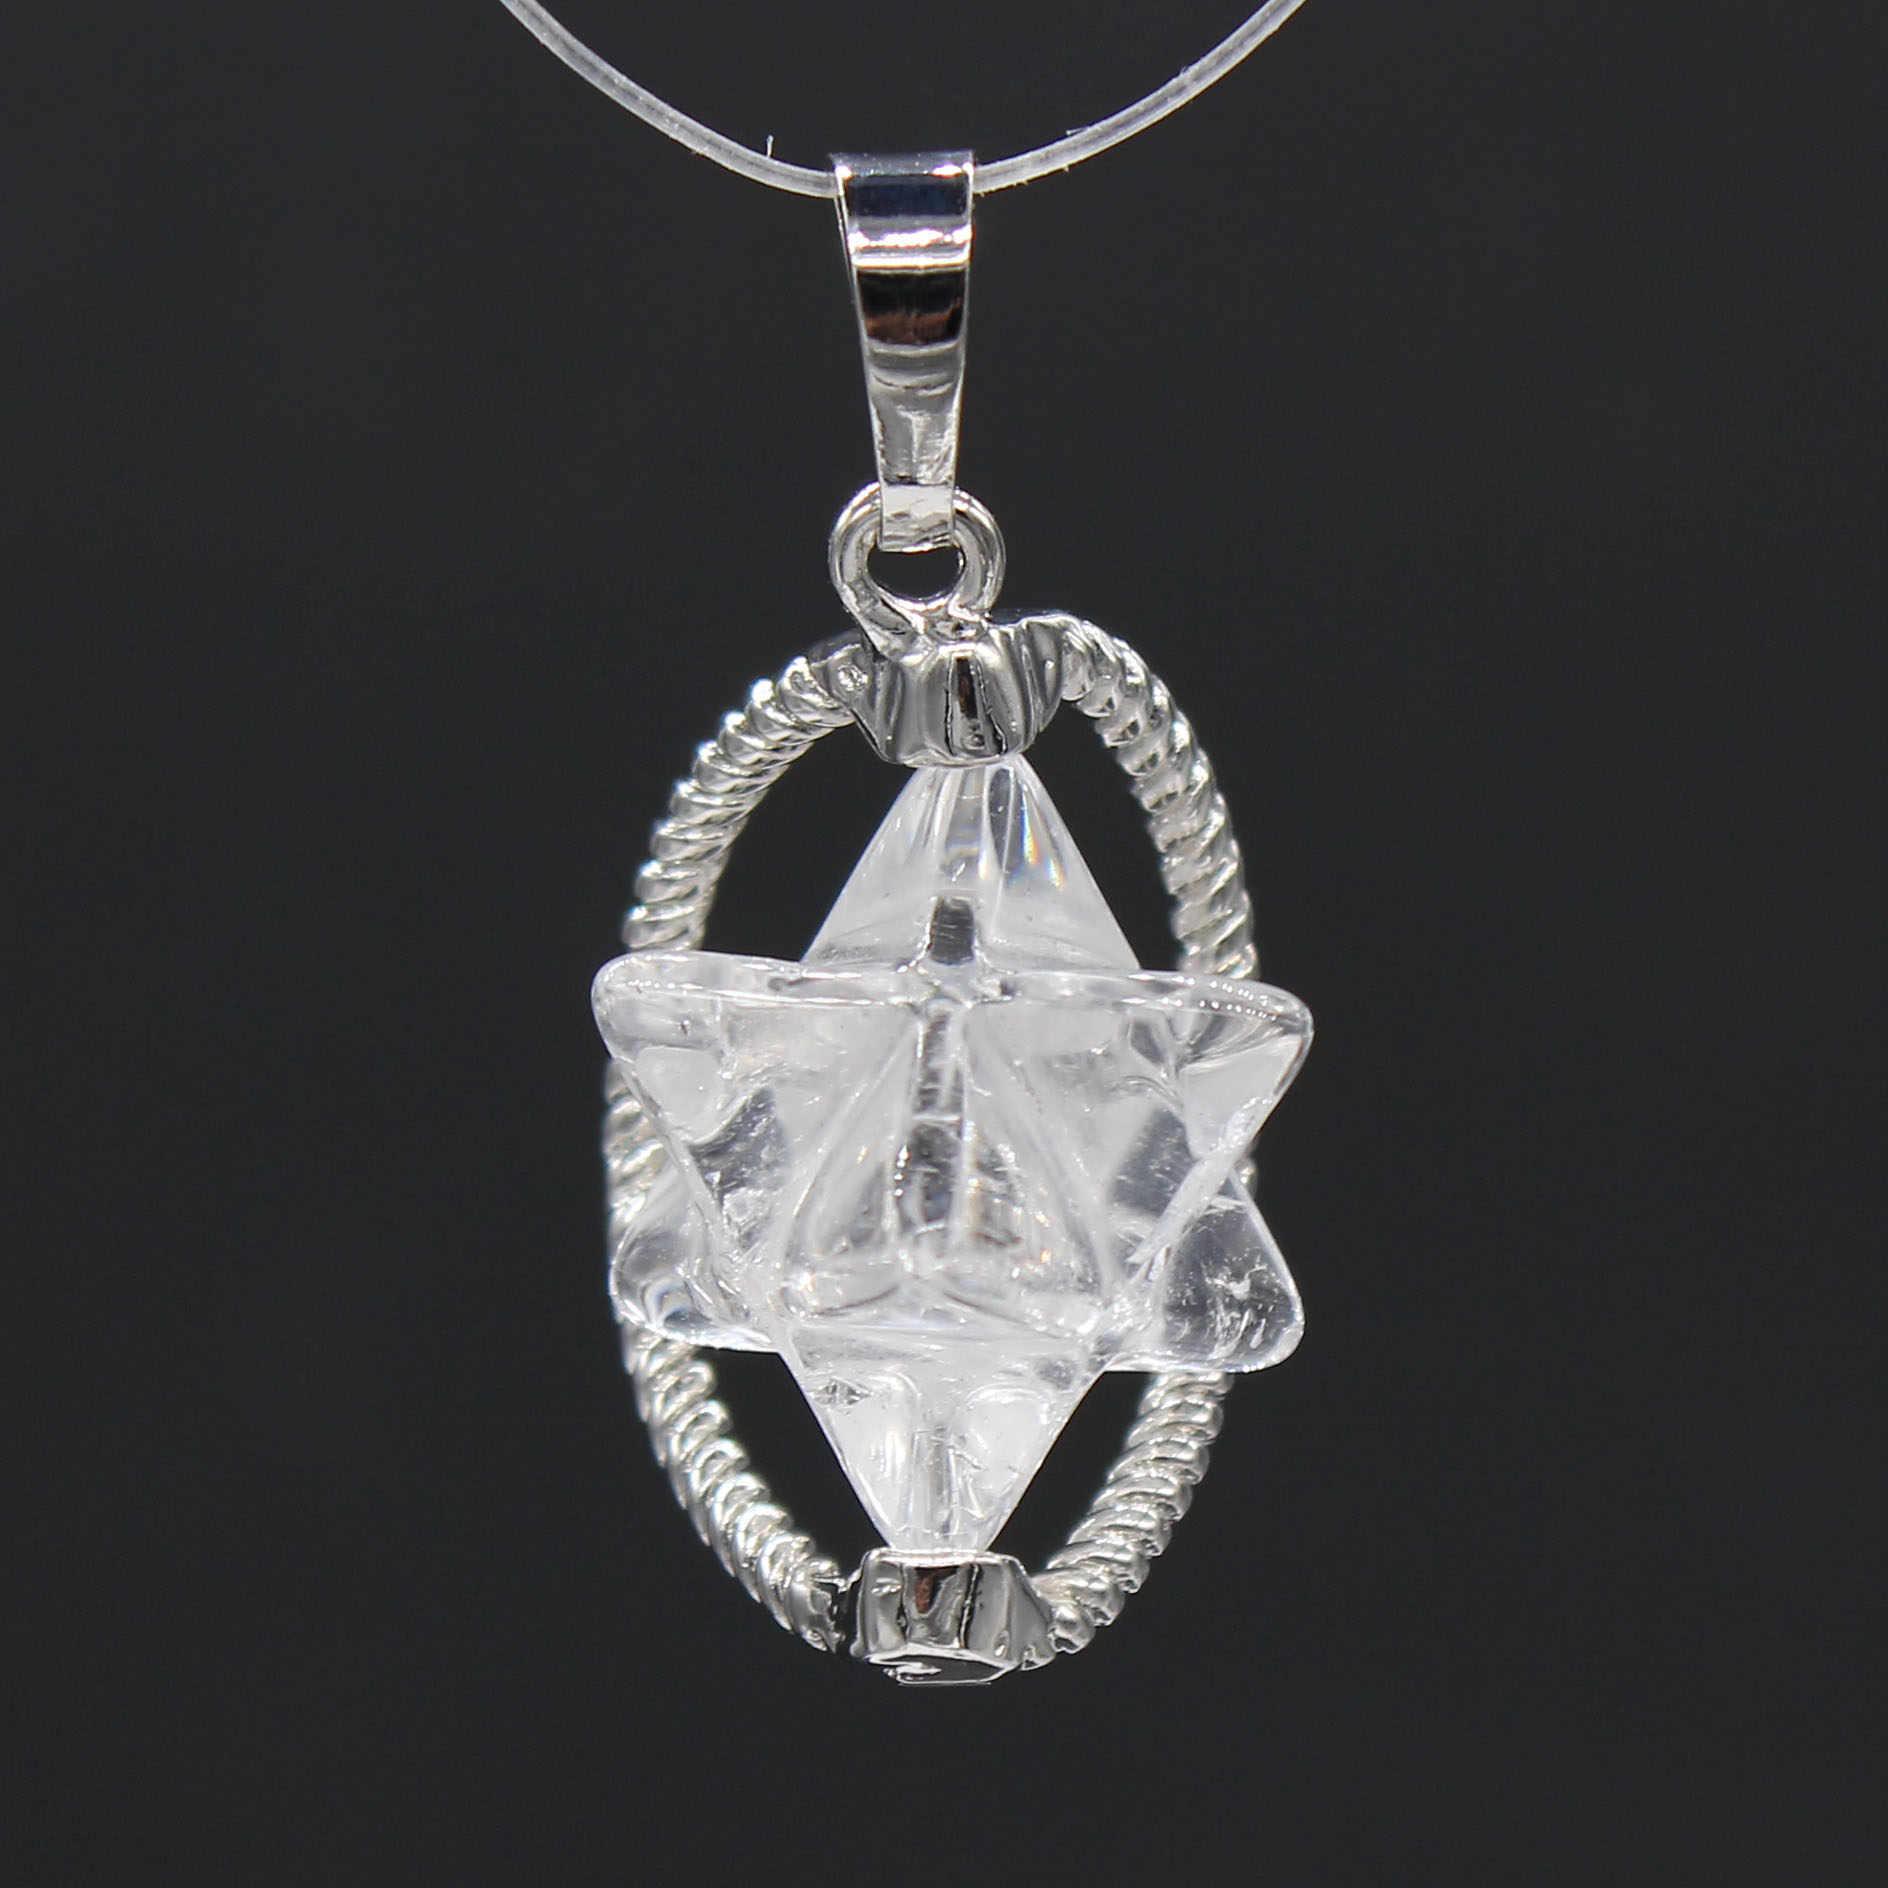 100-уникальный 1 шт классический с серебряным покрытием MerKaBa Природный рок-кристалл кулон для амулет ювелирные изделия